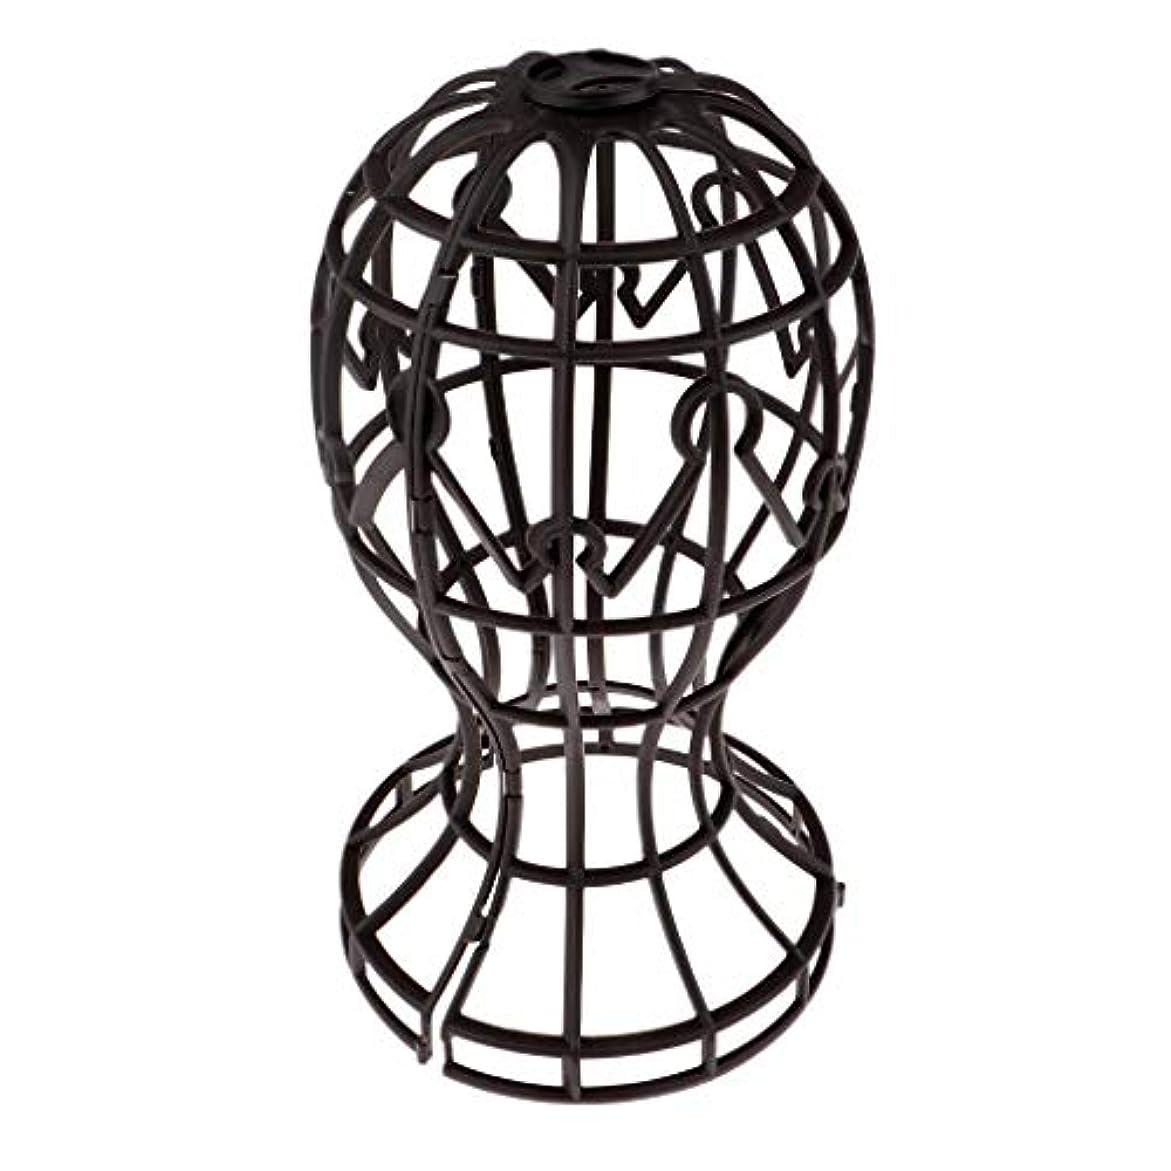 宣言ルートカタログSharplace かつらホルダー 髪型スタンド ウィッグスタンド 省スペース 帽子 ディスプレイ 高さ約31cm - ブラウン